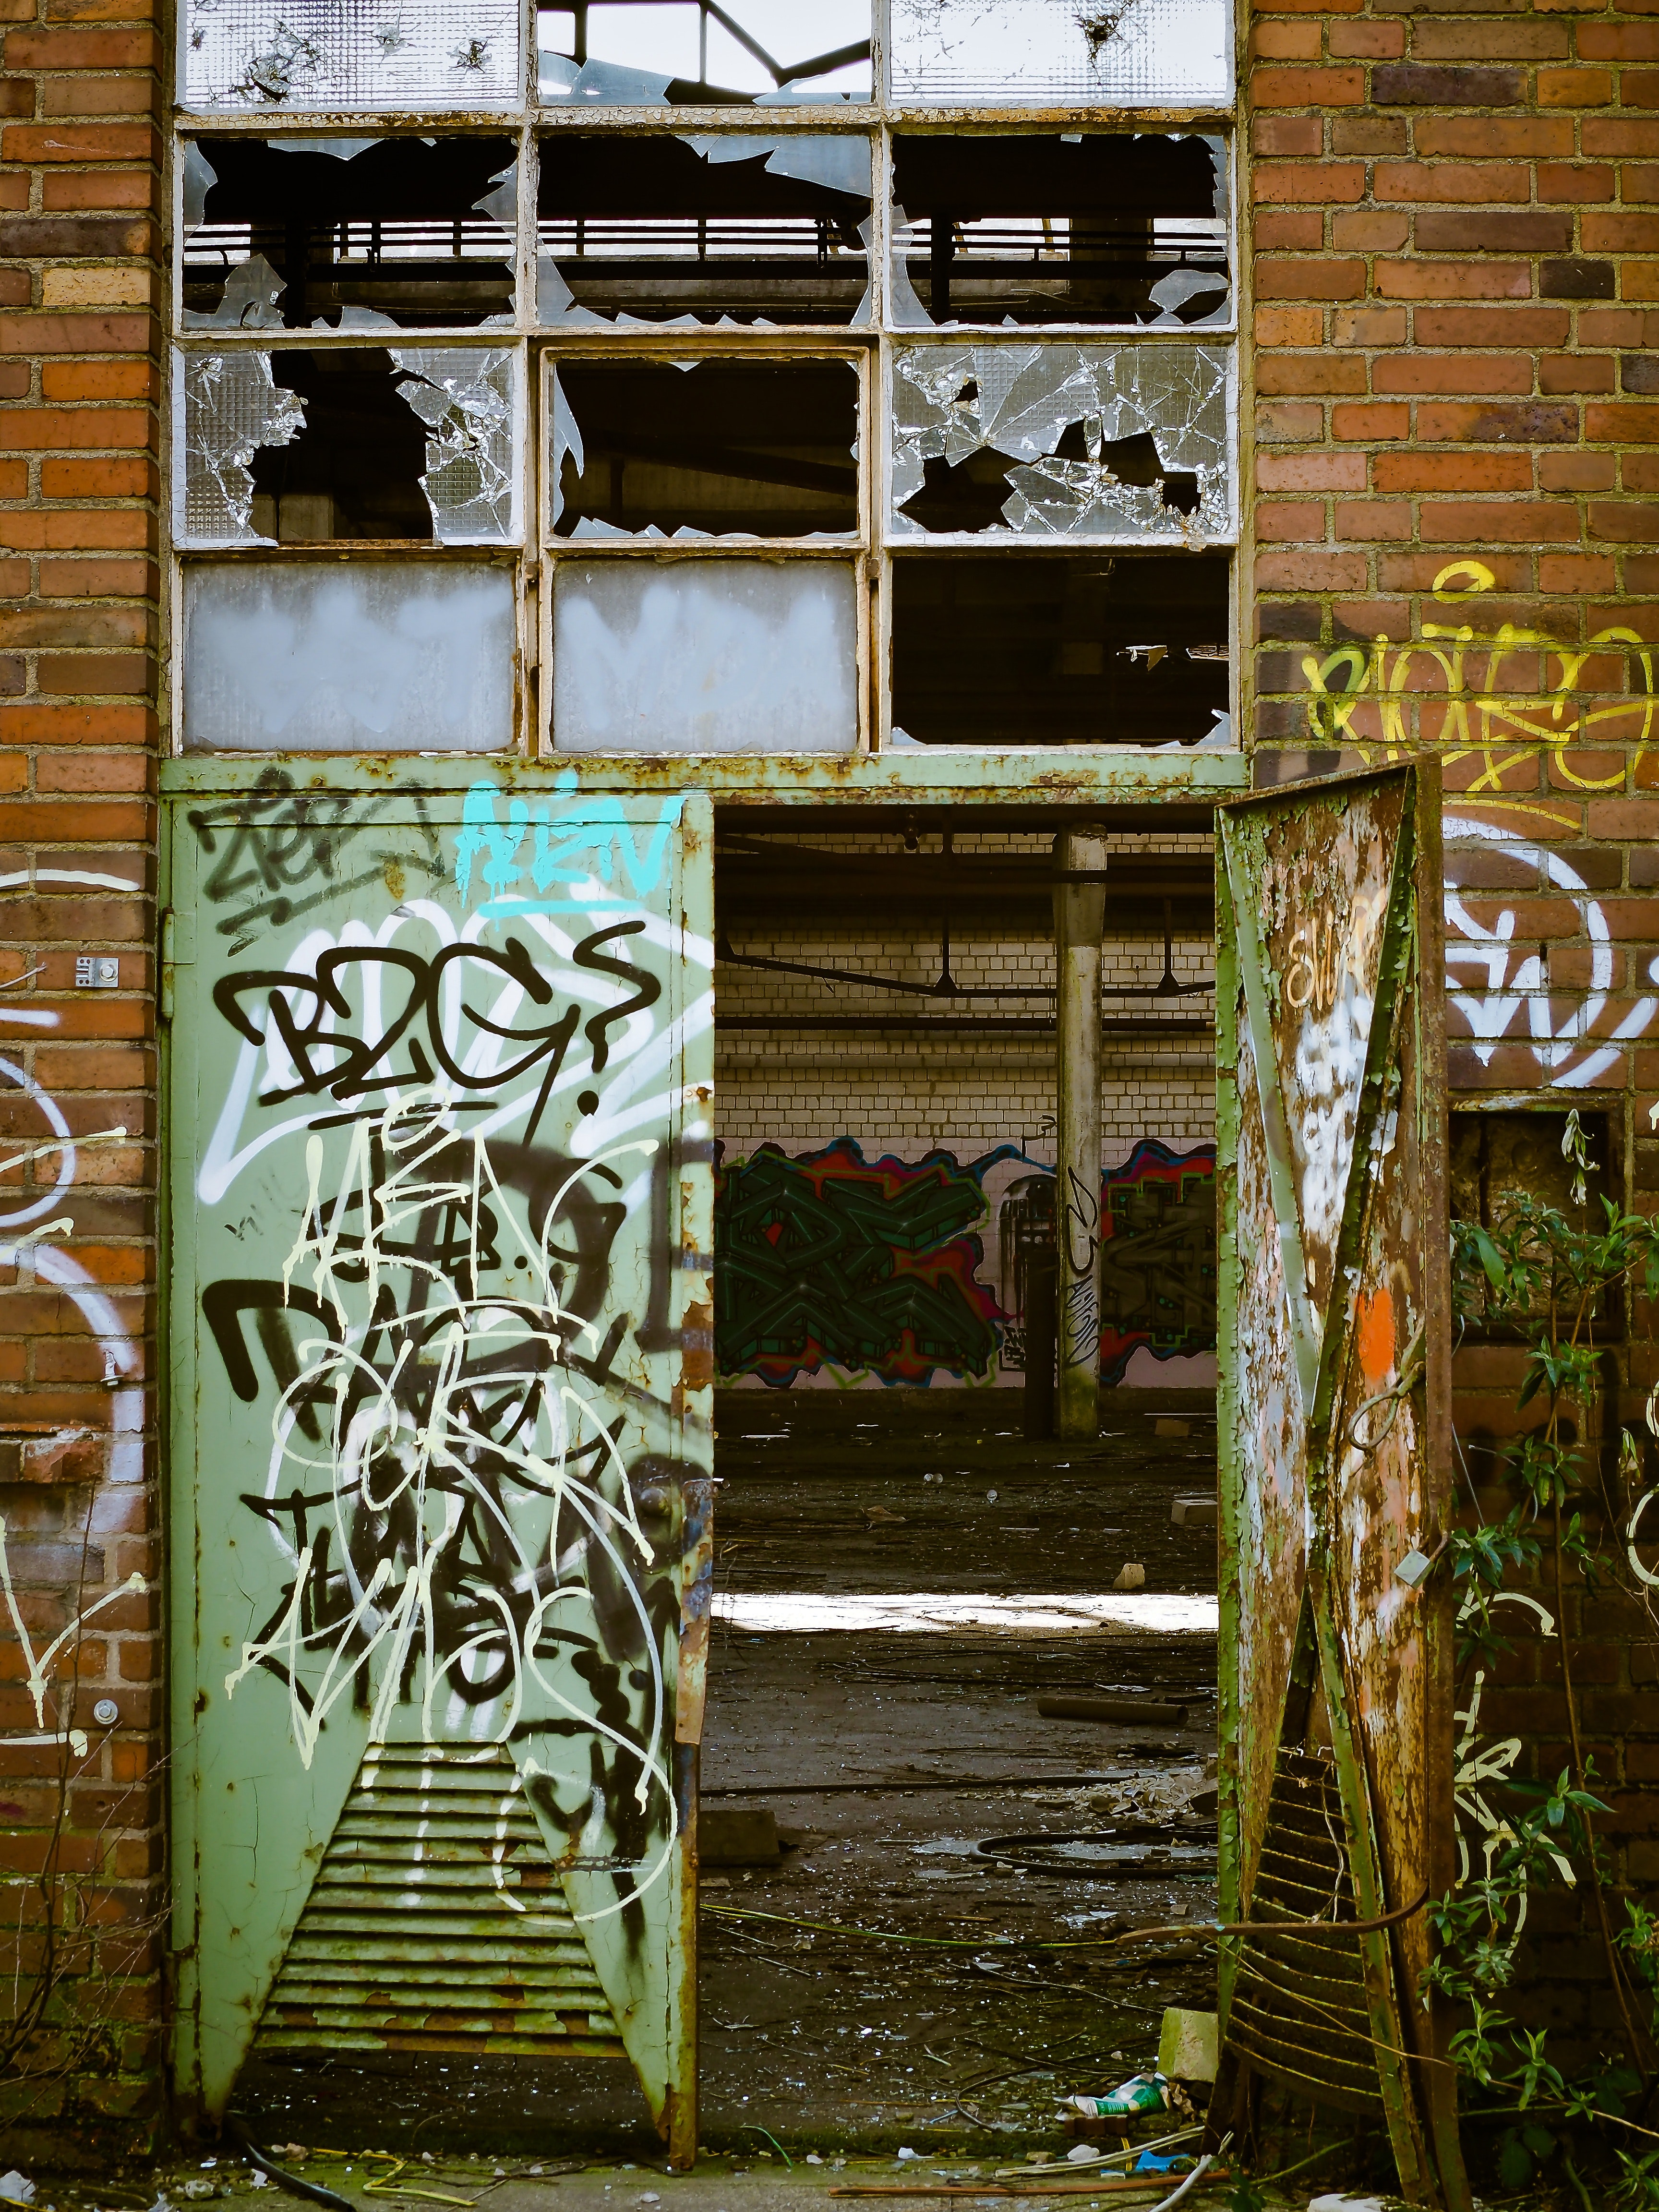 vandalism-crop-for-broken-windows-header